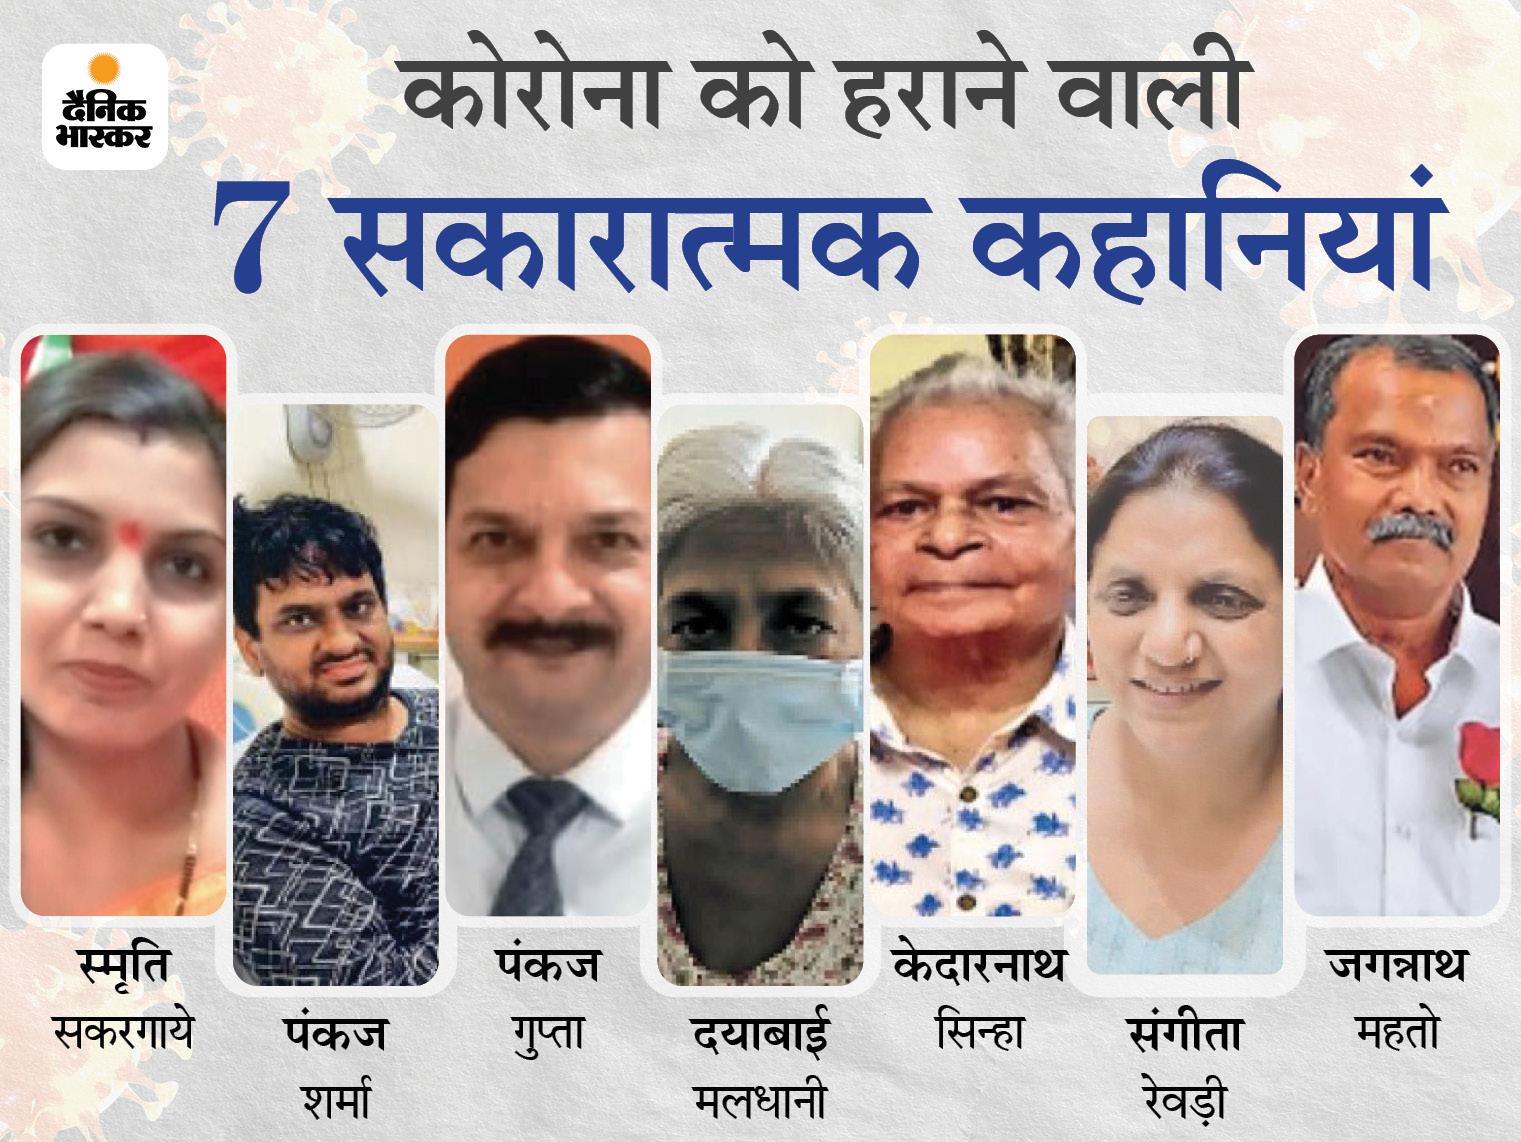 किसी की कोरोना के साथ किडनी खराब हुईं तो किसी को डॉक्टर्स ने लंग्स ट्रांसप्लांट के लिए कहा; पॉजिटिव सोच से जीत ली जिंदगी की जंग|मध्य प्रदेश,Madhya Pradesh - Dainik Bhaskar